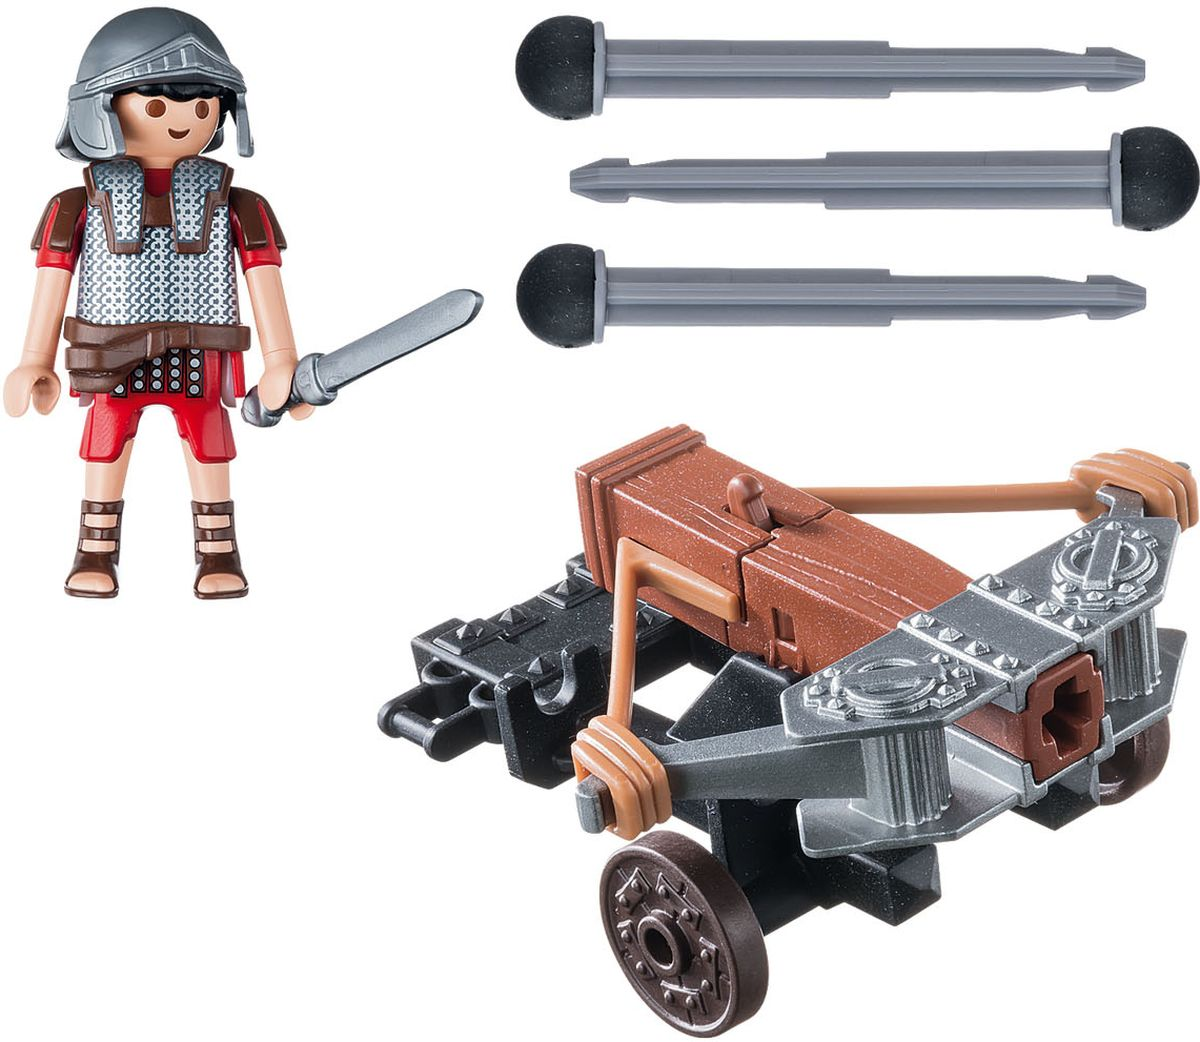 Playmobil Игровой набор Римляне и египтяне Легионер с баллистой playmobil игровой набор в поисках приключений лодка с браконьерами